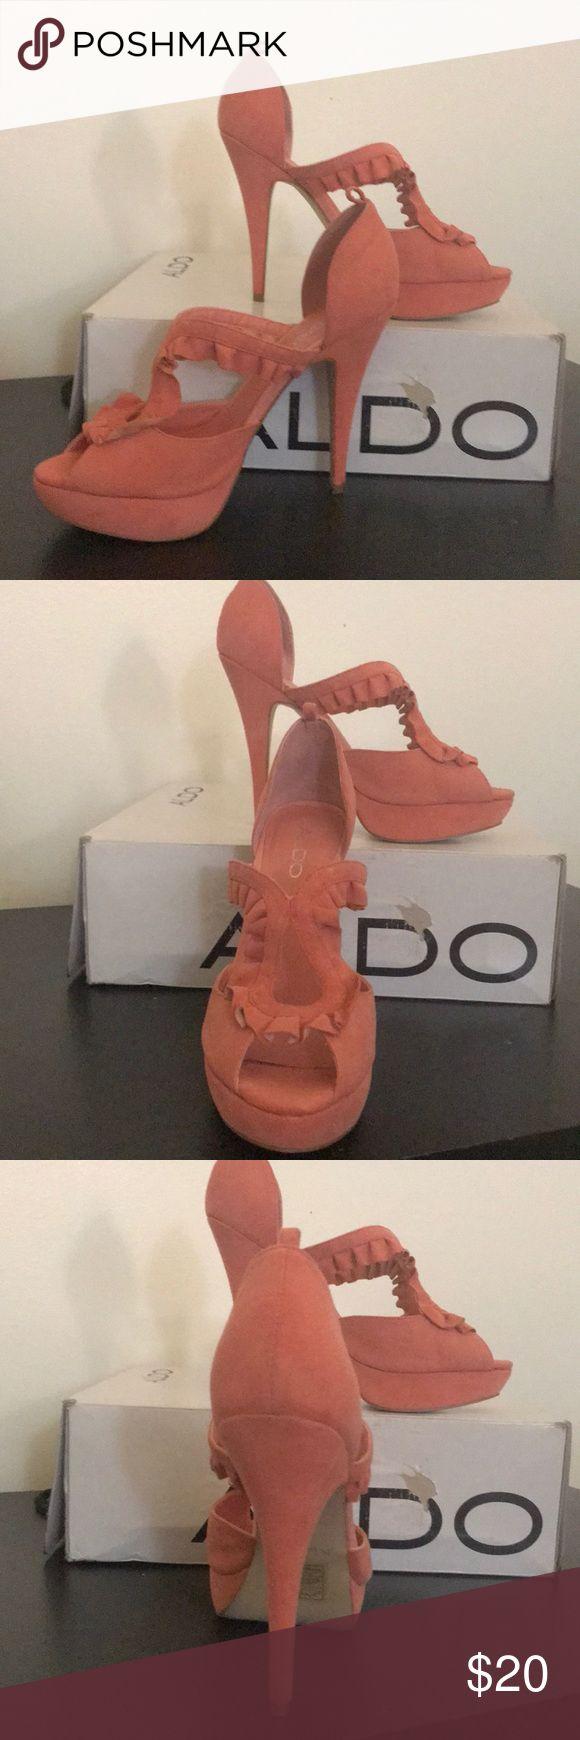 Aldo Starace peach heels, size 8. Aldo Starace peach heels, size 8. Ankle strap is missing. Aldo Shoes Heels